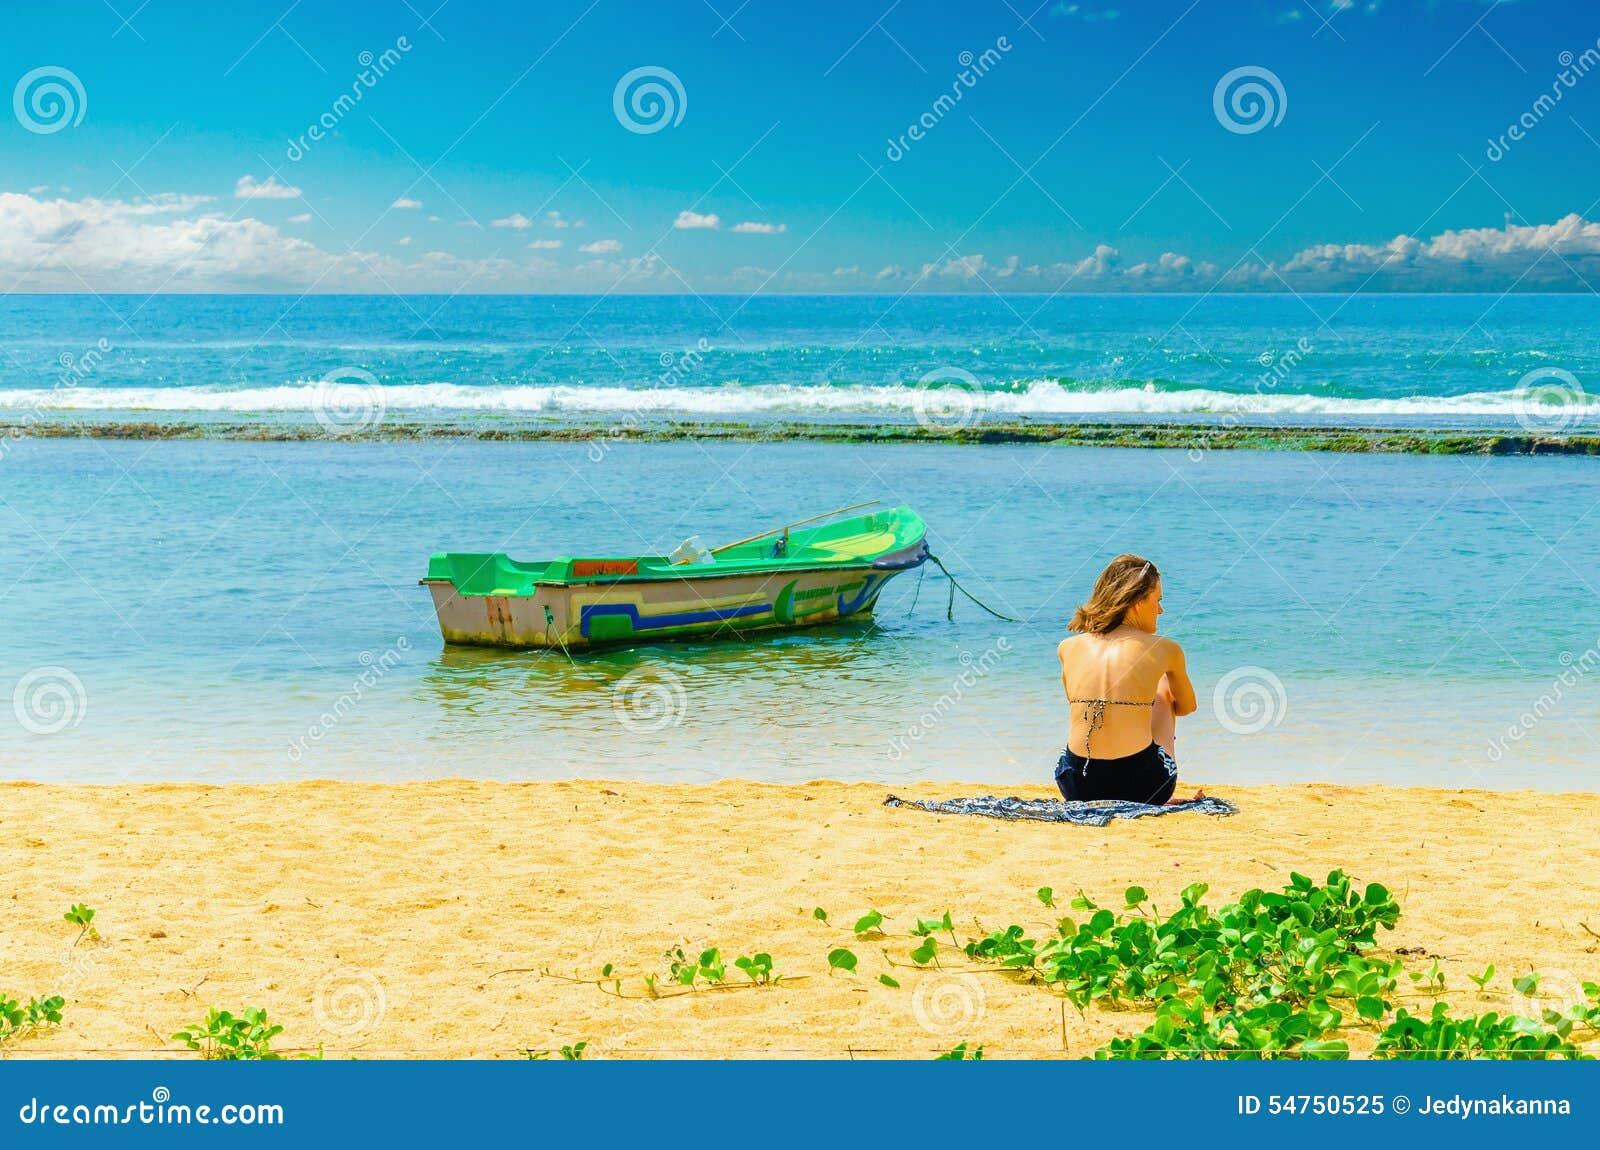 Egzota plaża, młoda dziewczyna, łódź rybacka i woda,